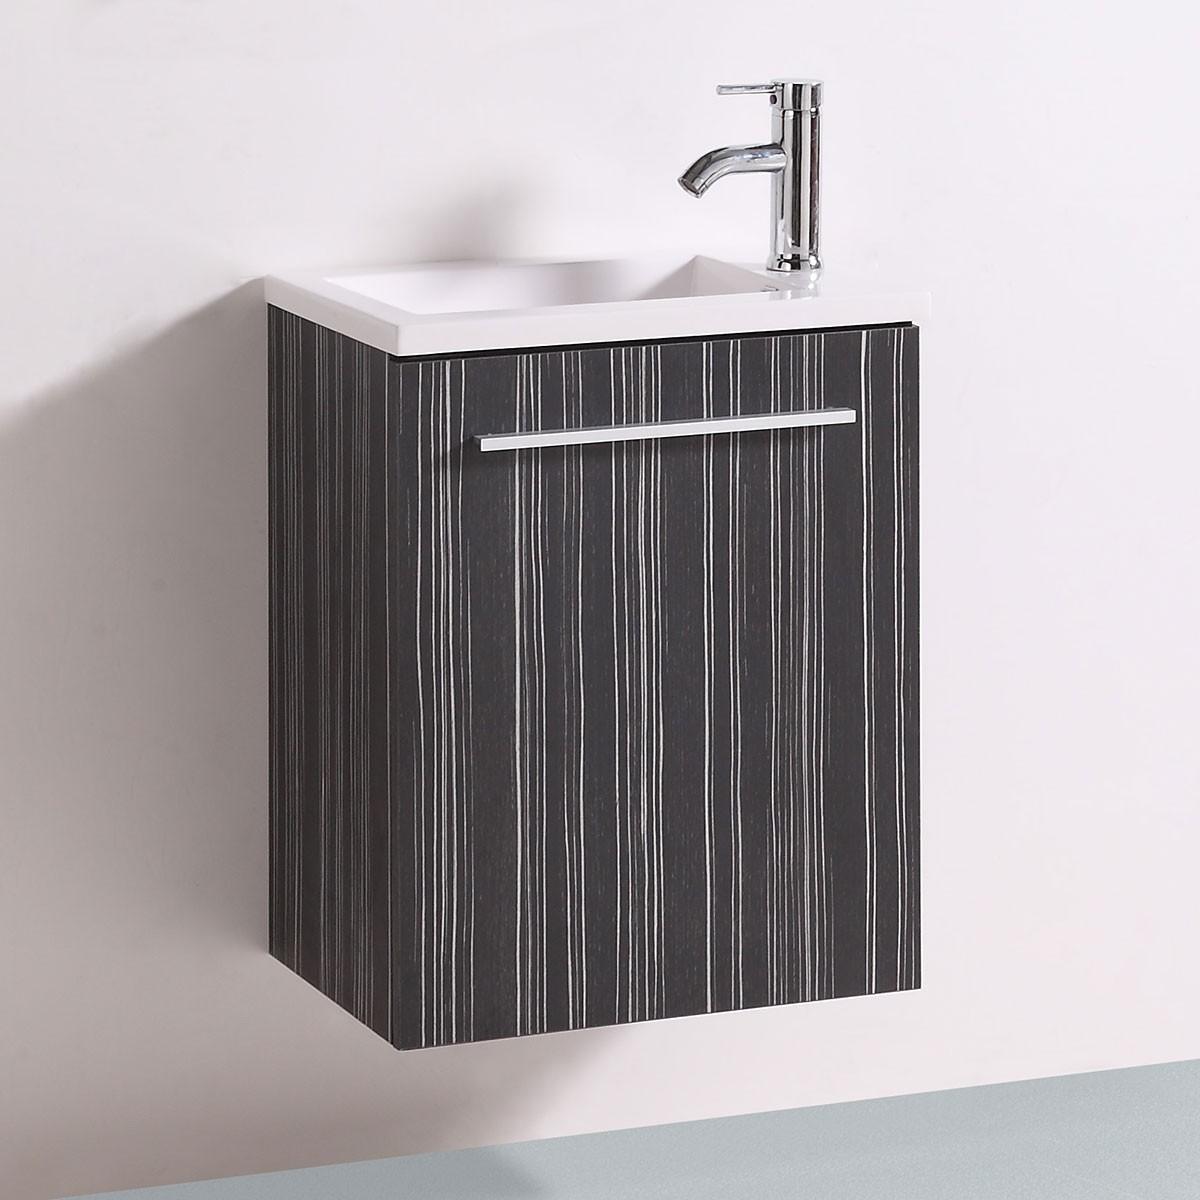 20 po Vanité en contreplaqué avec lavabo (DK-TH21302A-V)